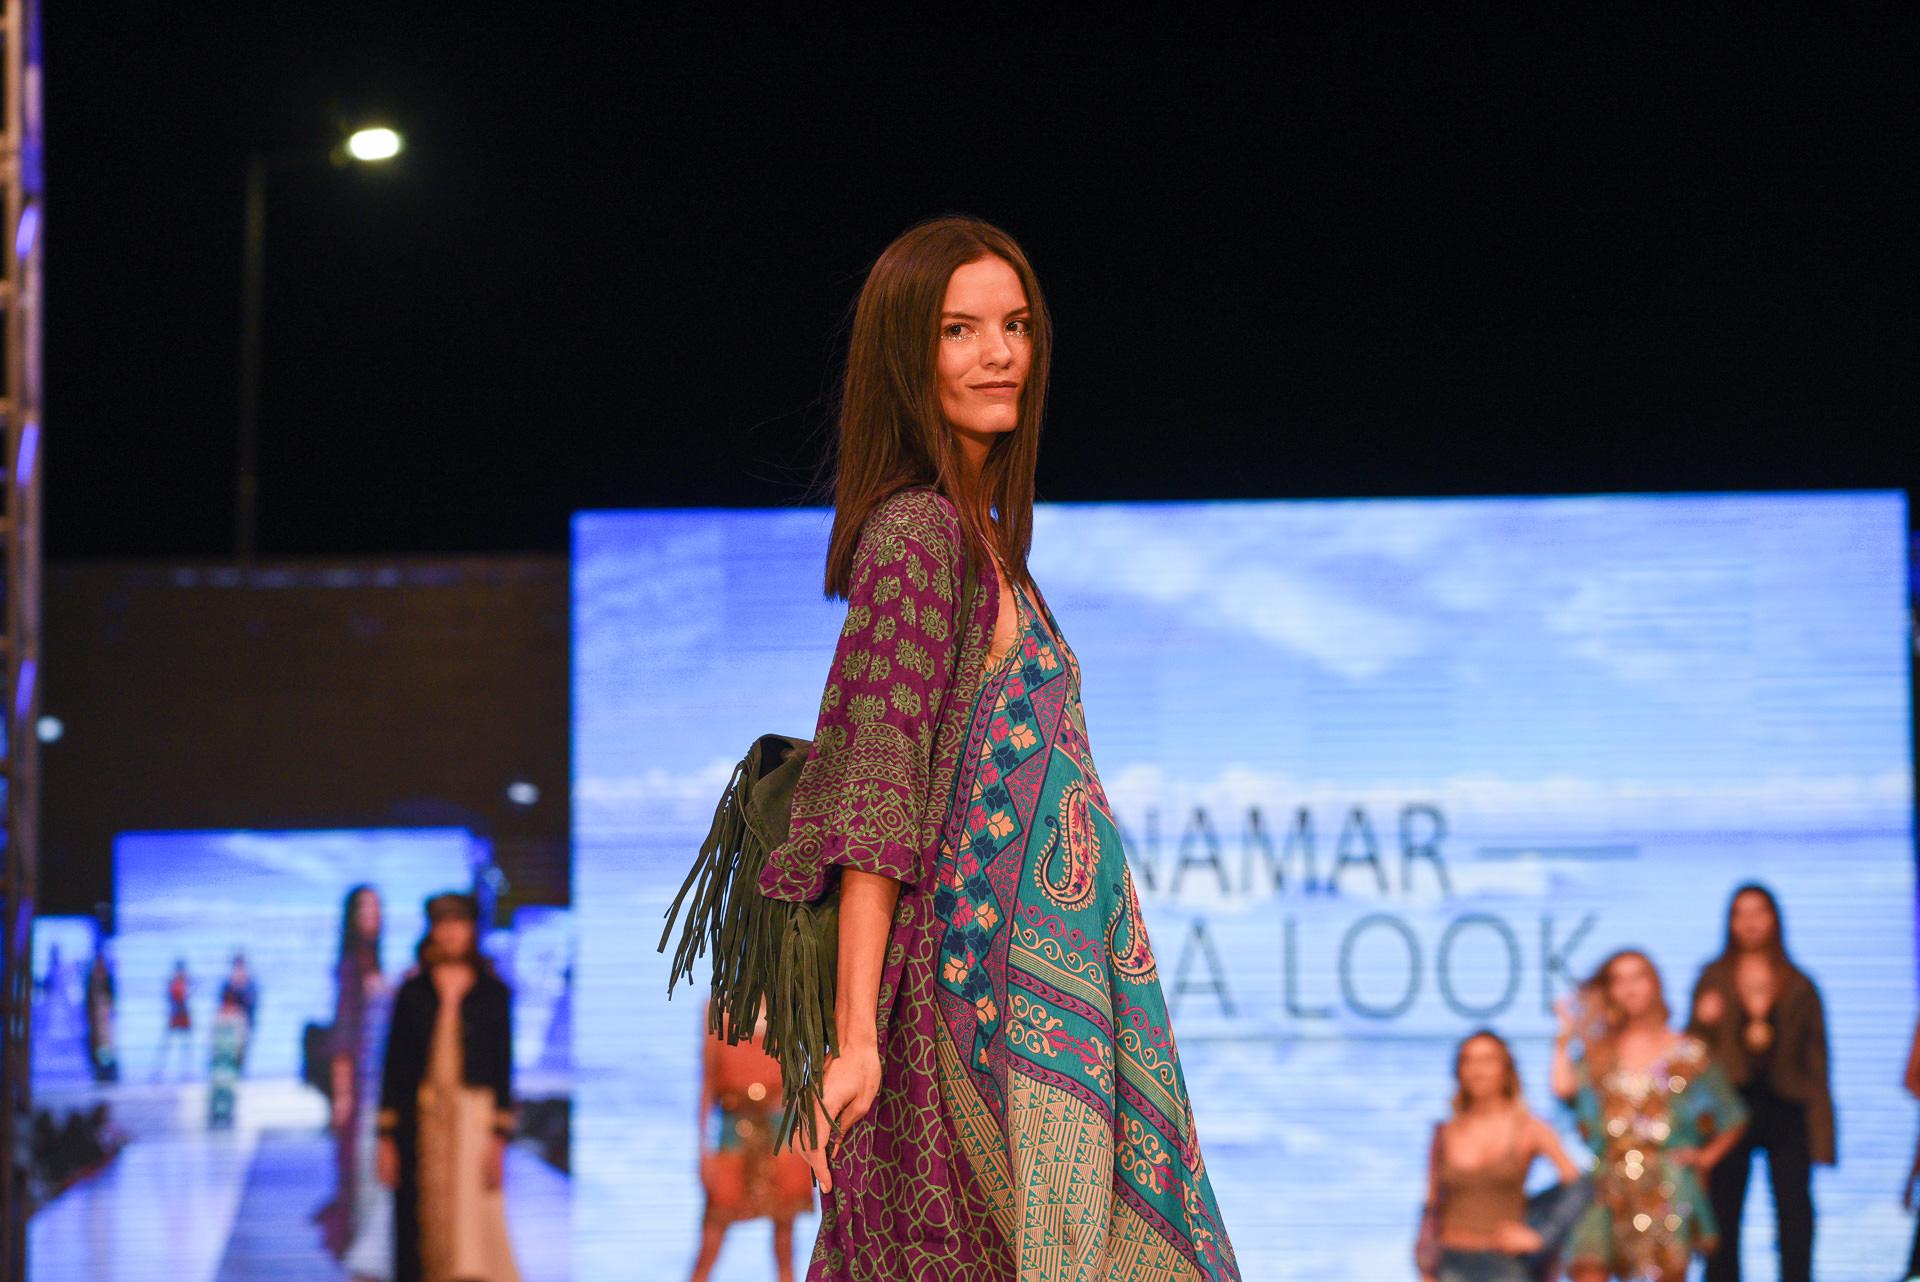 La propuesta de la firma Rosarito, colección de tejidos, estilo indie, con un espíritu bohemio pero siguiendo las tendencias actuales